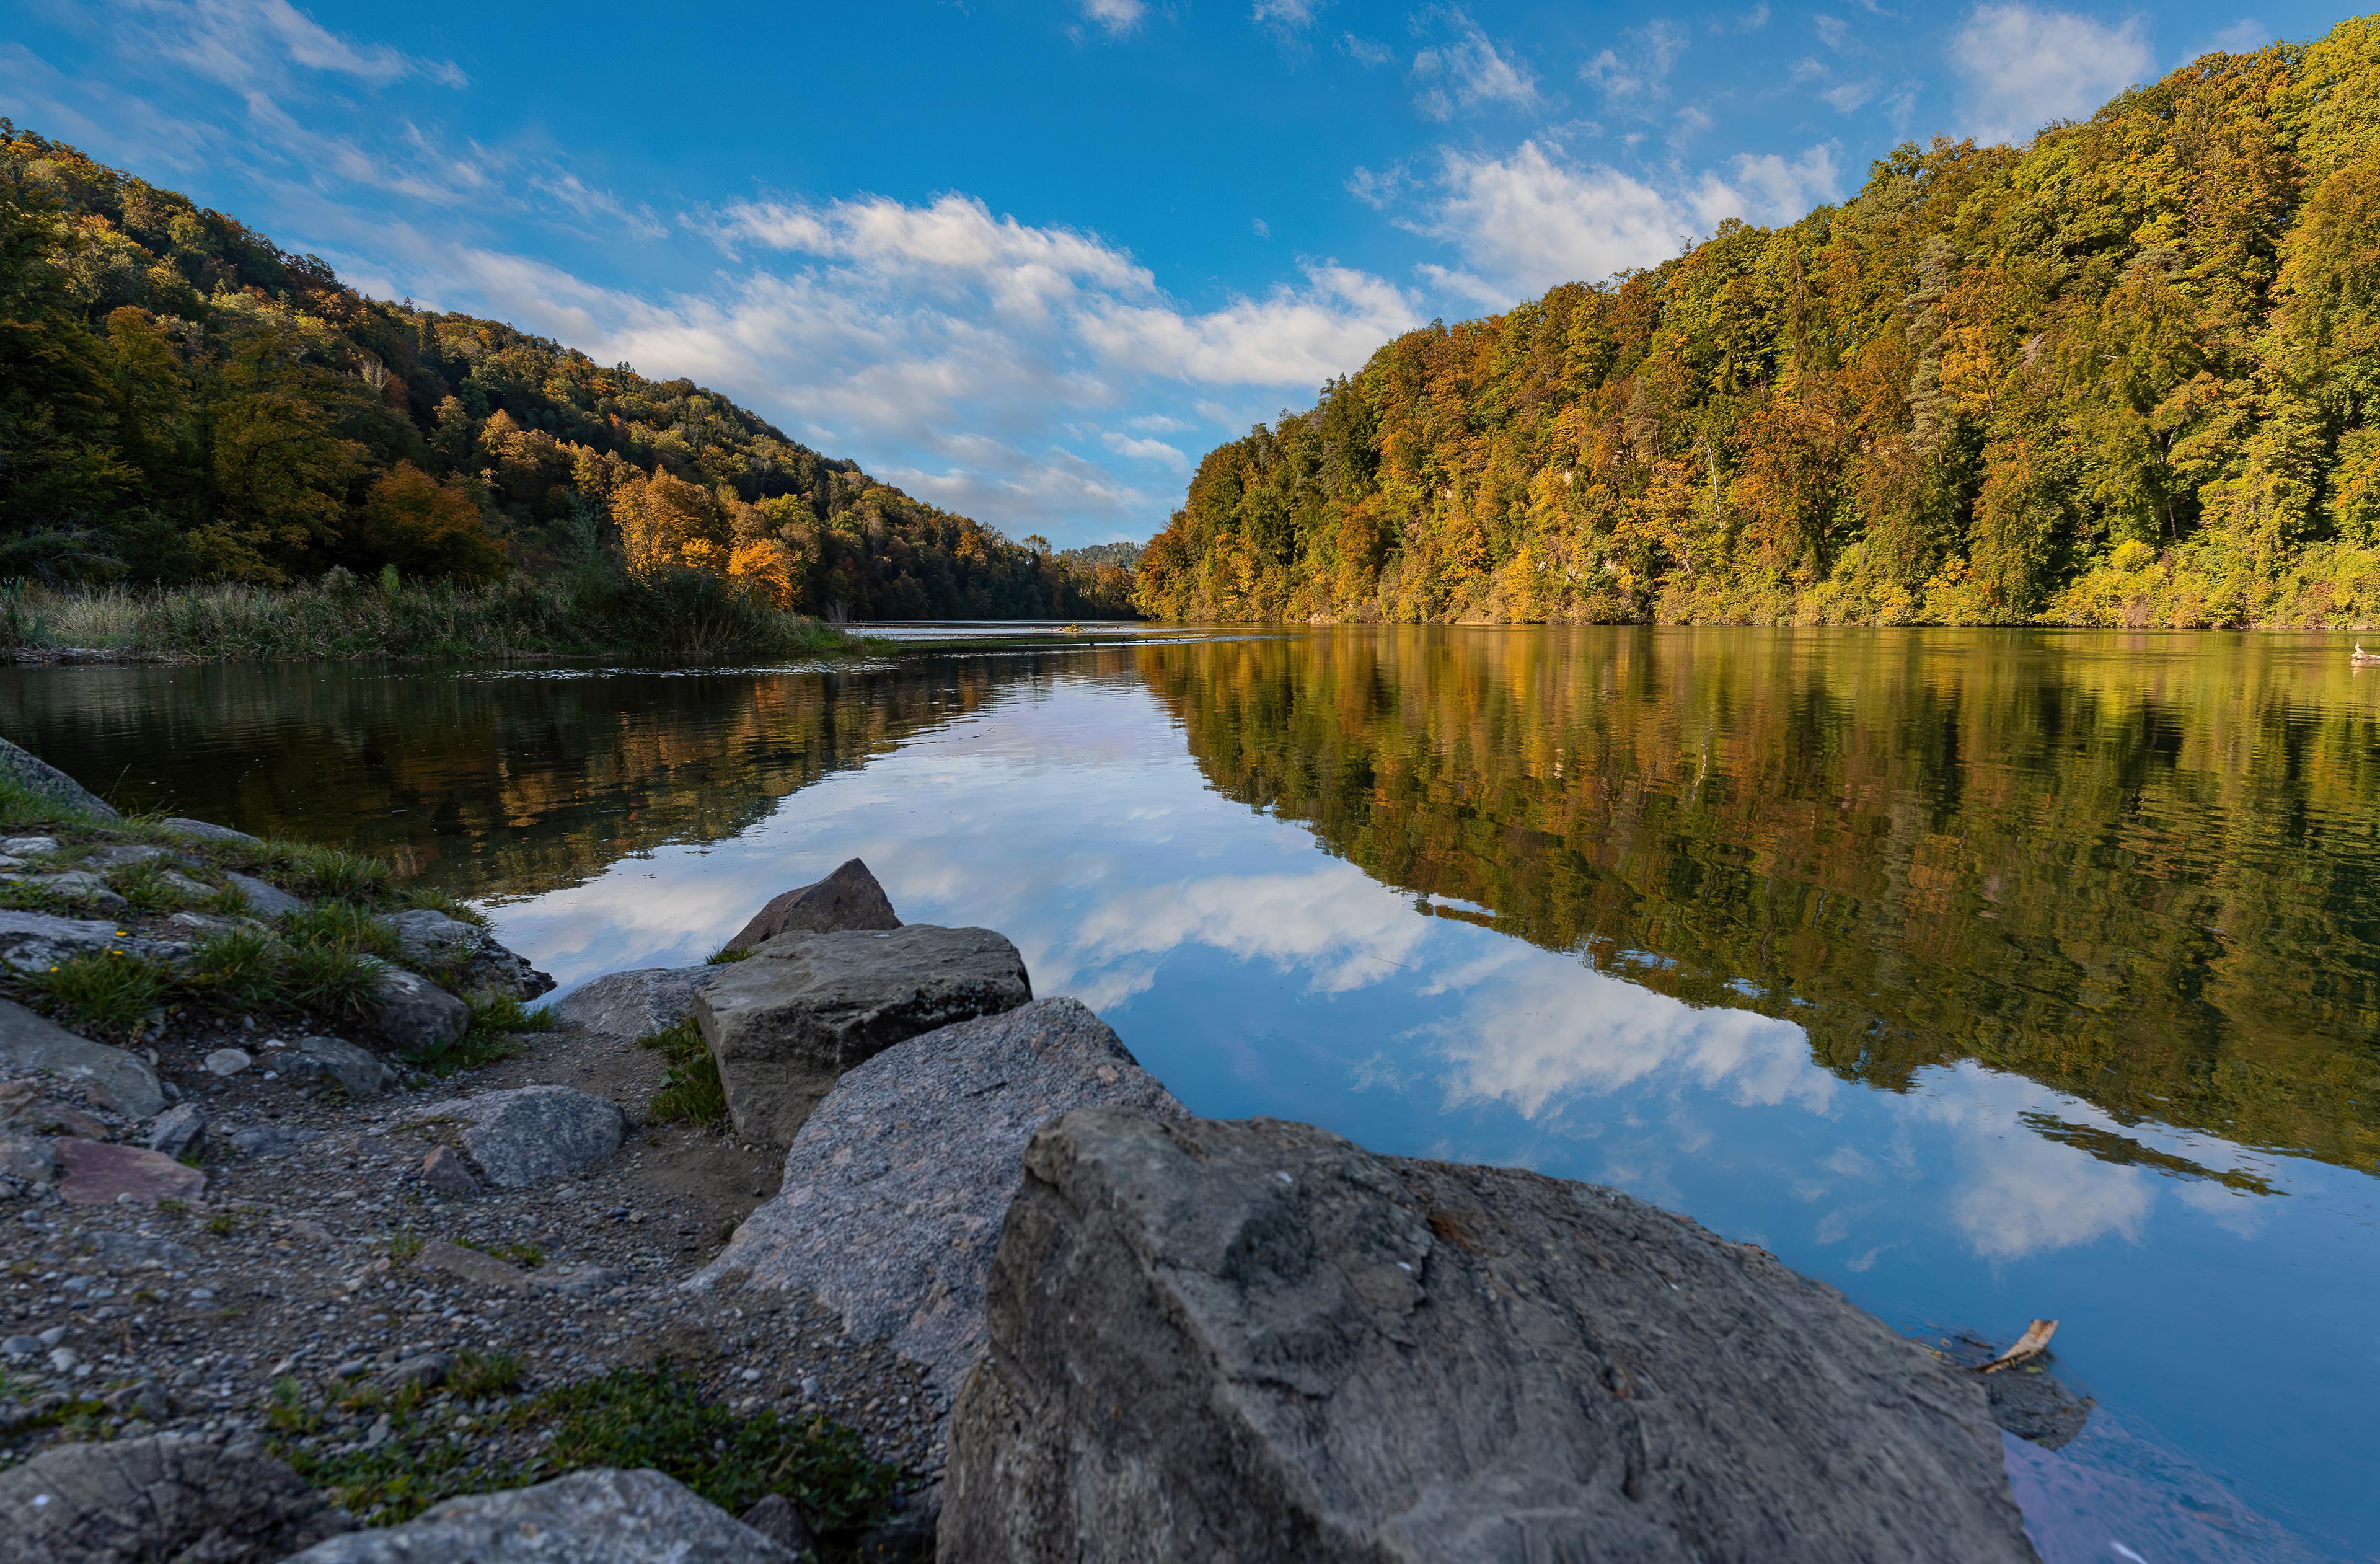 Fondos de pantalla Rio en el bosque en Suiza